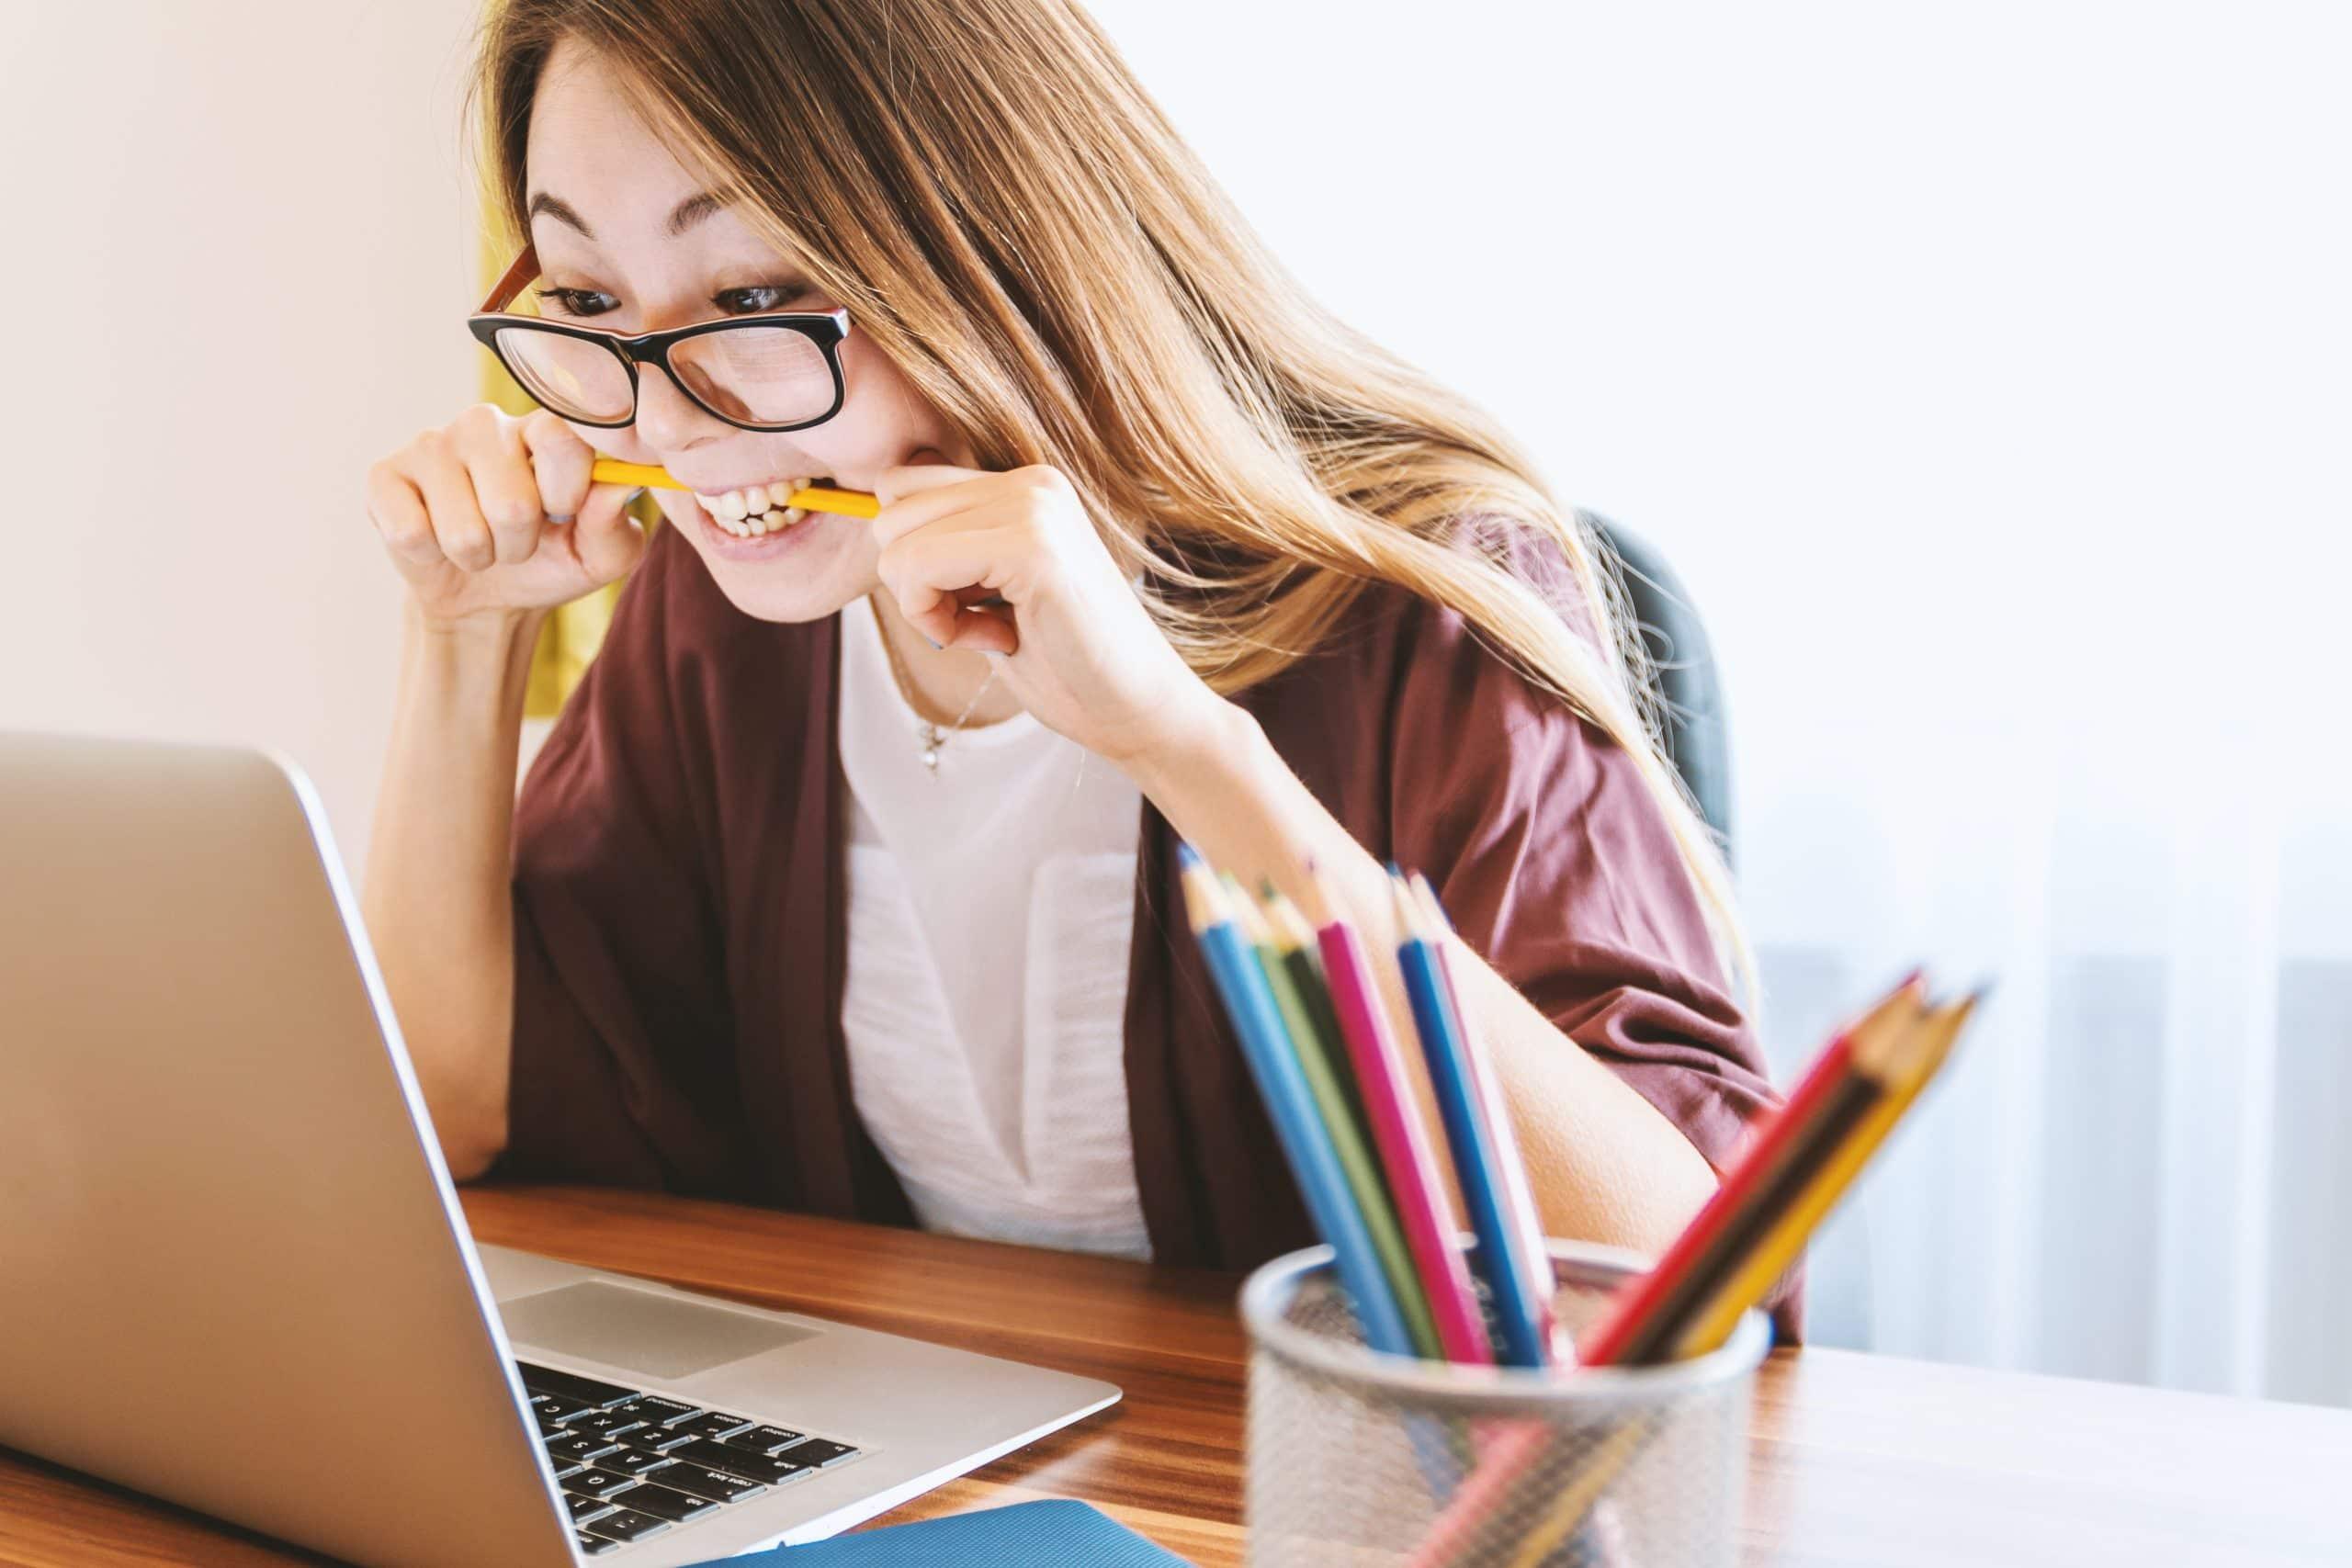 Die E-Mail-Flut bewältigen: 3 produktive Tricks aus der Praxis